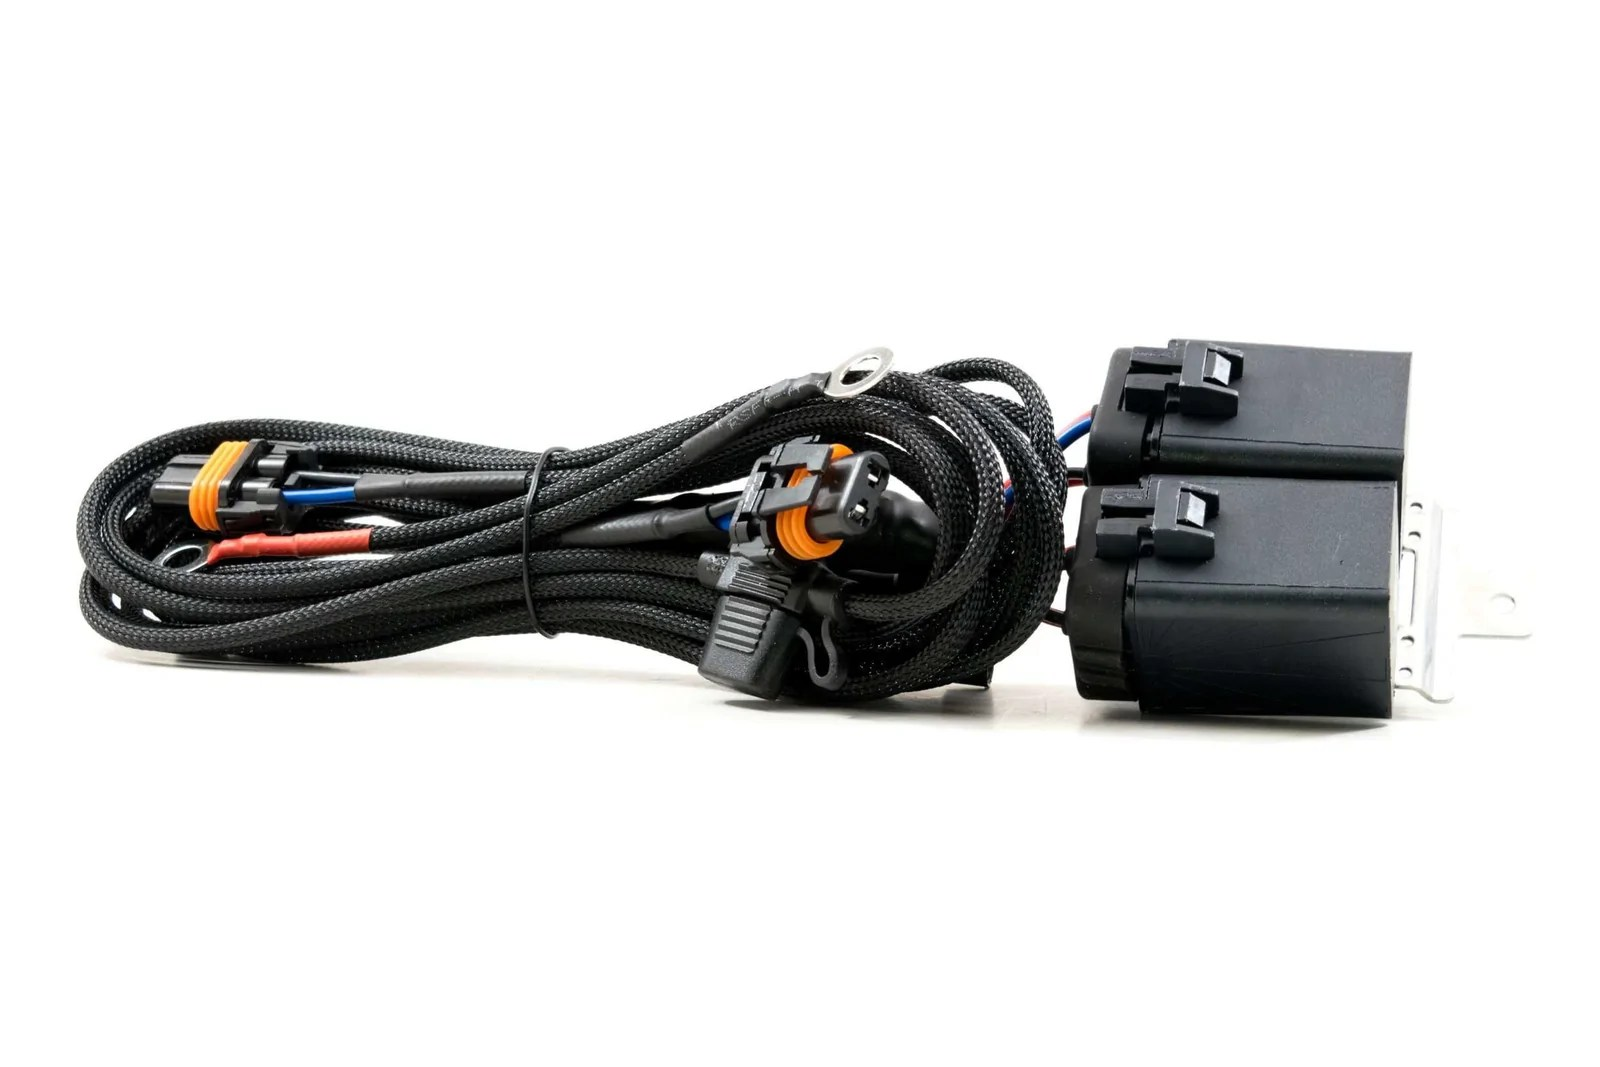 acb wiring [ 1600 x 1067 Pixel ]